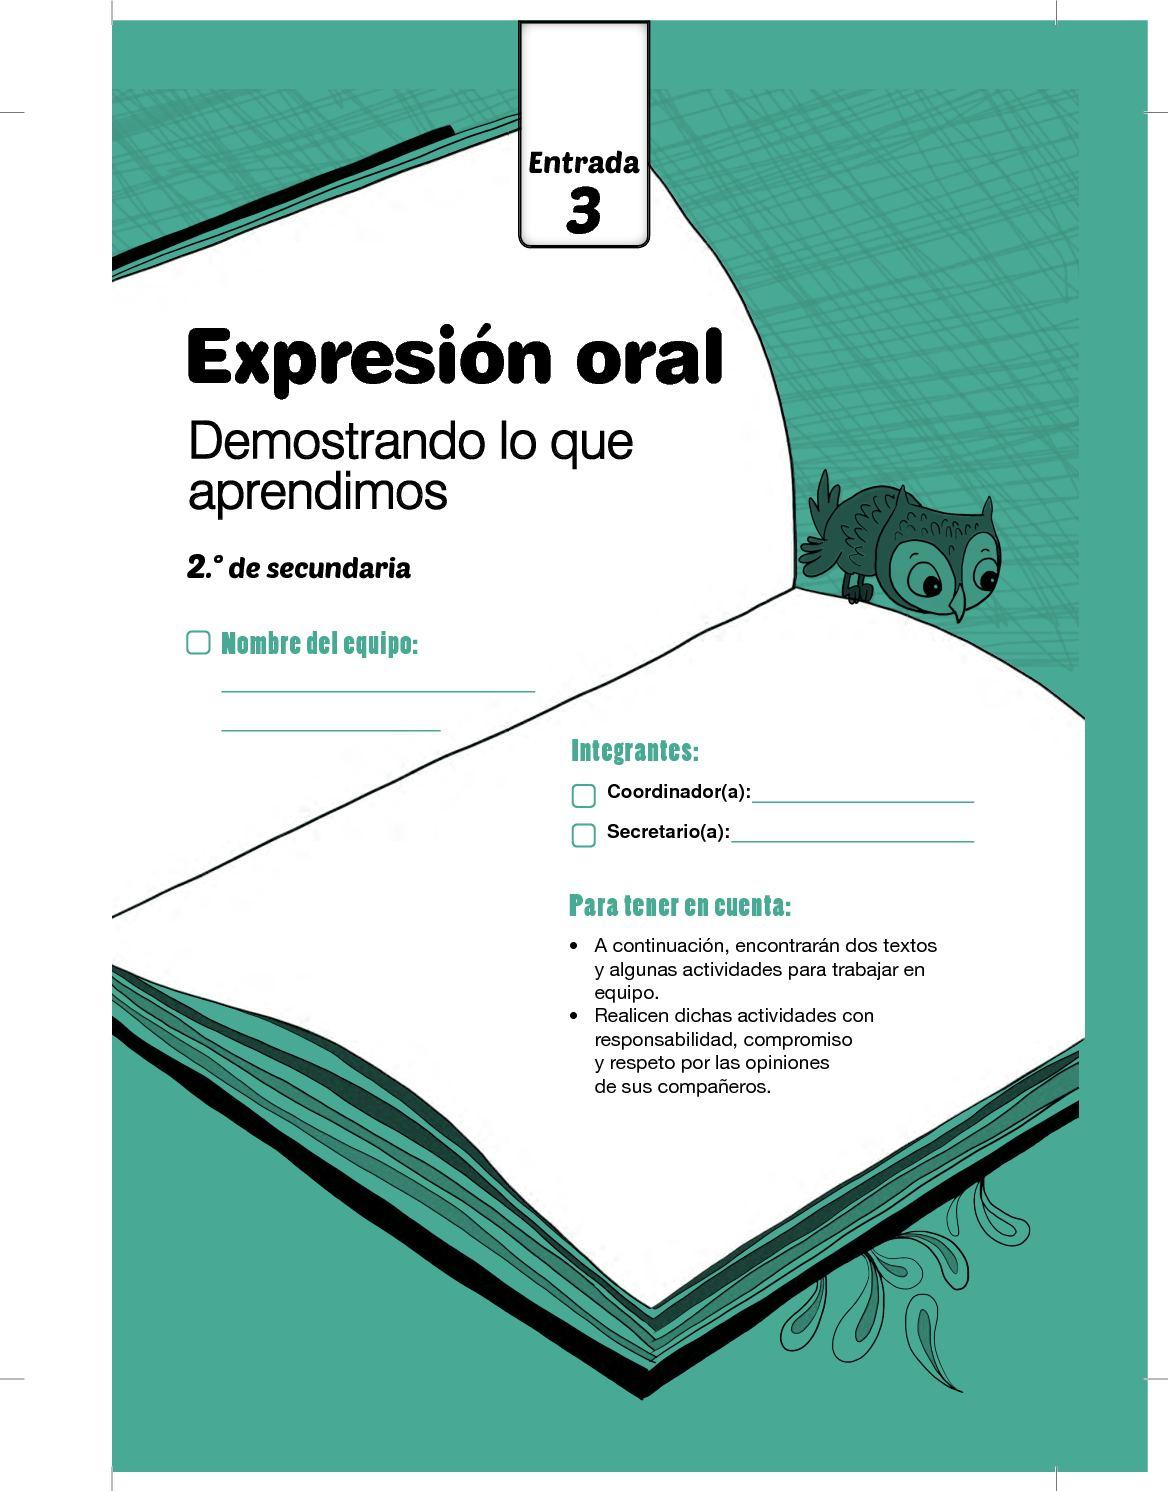 Cuadernillos Secundaria Comunicacion Entrada Cuadernillo Entrada3 Exp Oral 2do Grado